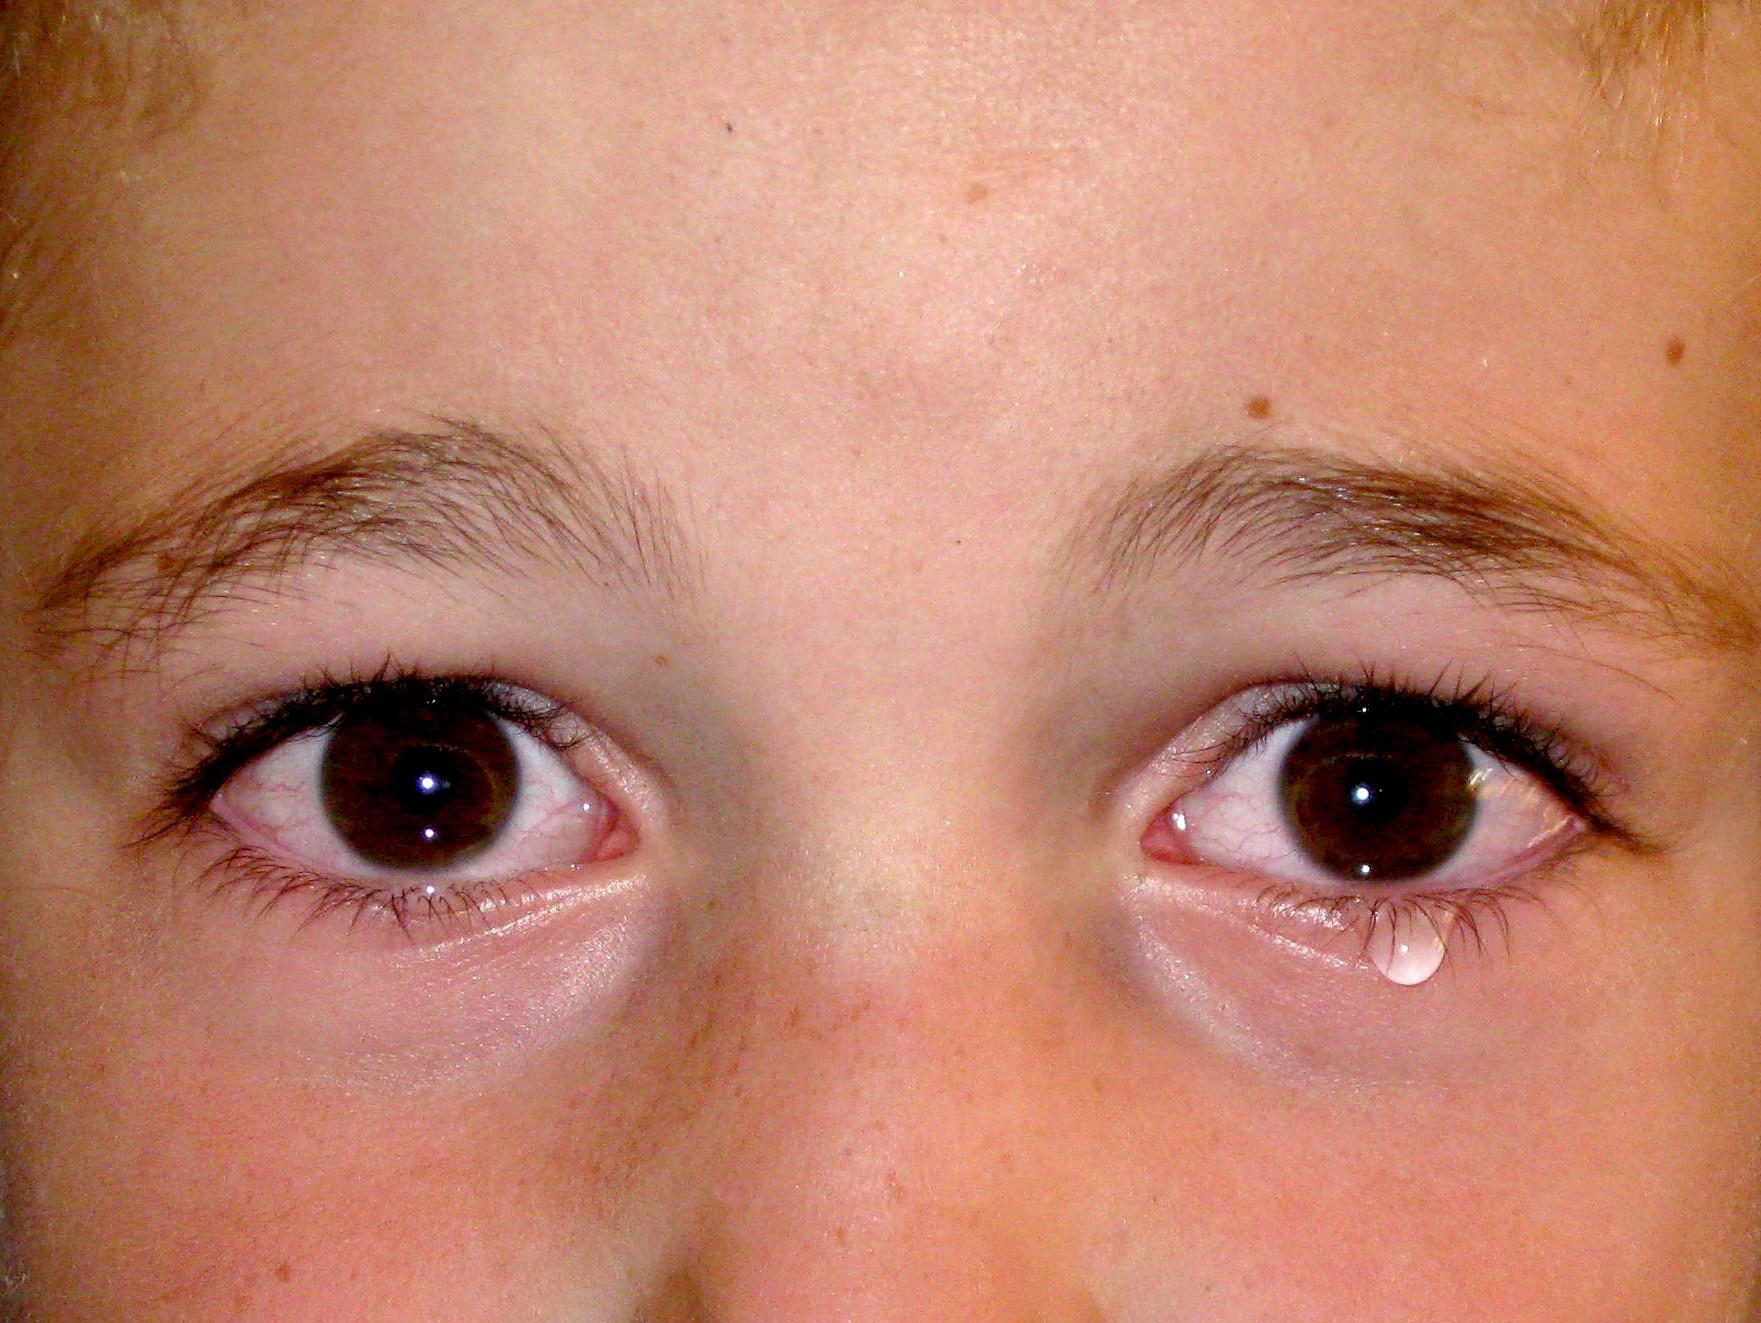 עיני עיני יורדה מים ילד בוכה